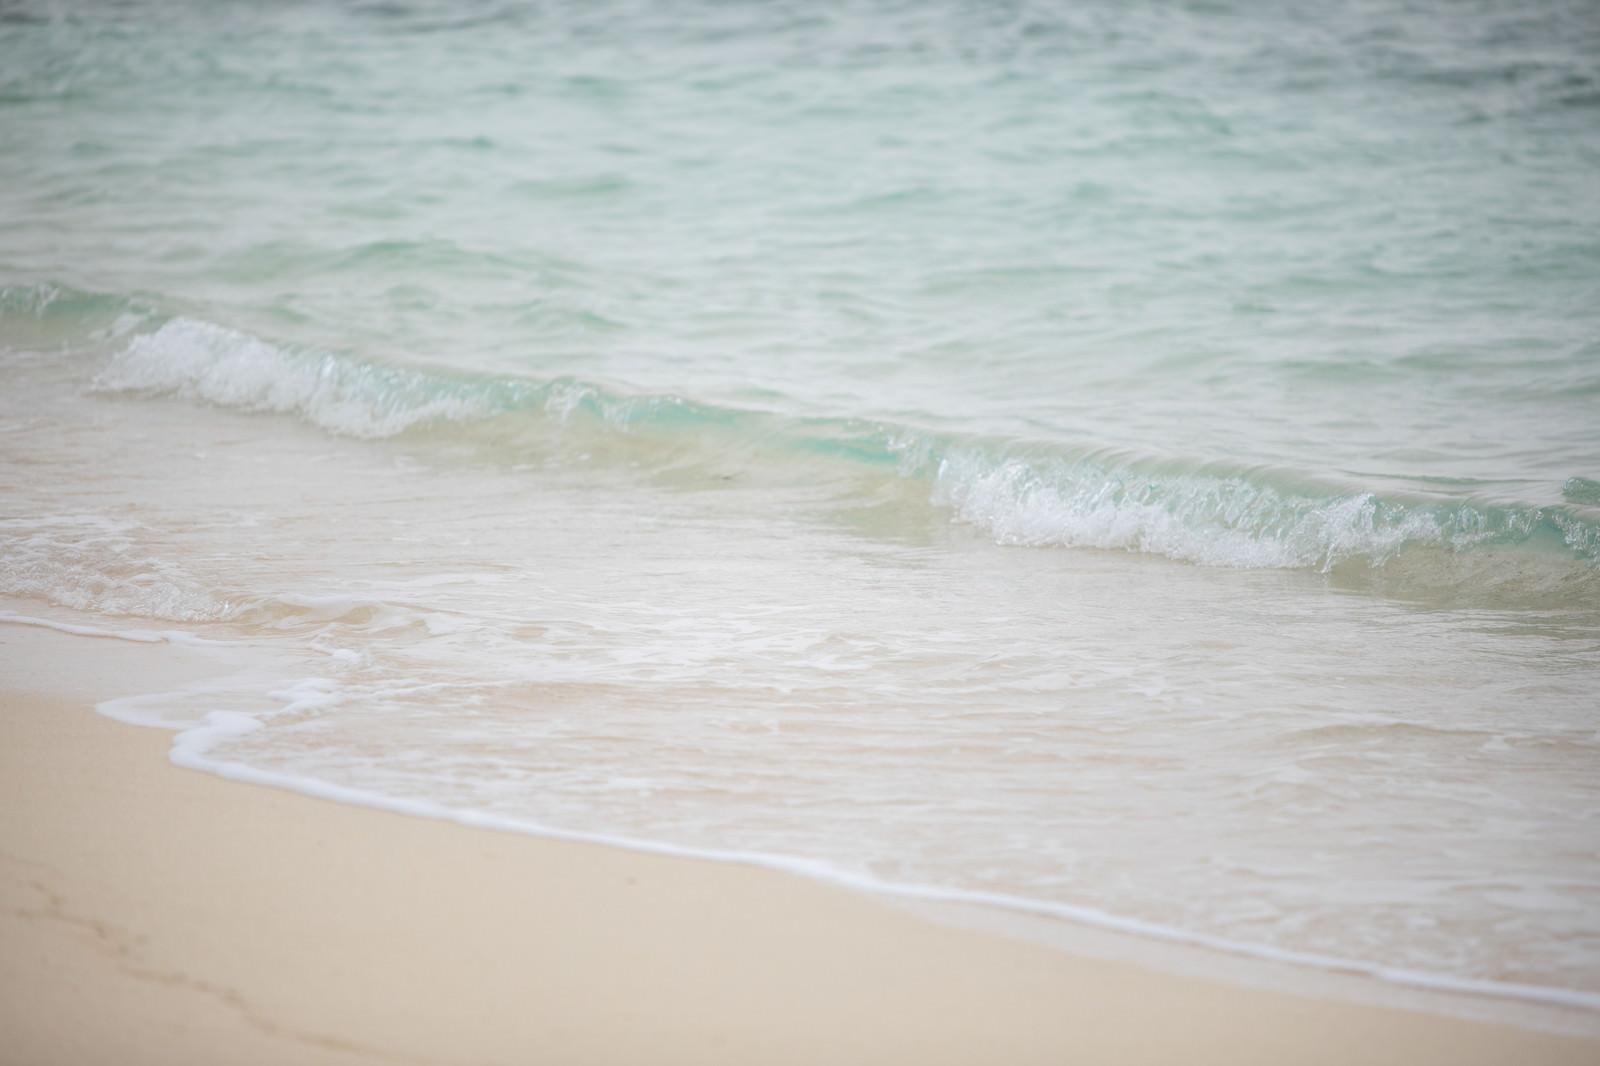 「綺麗な海と波打ち際」の写真